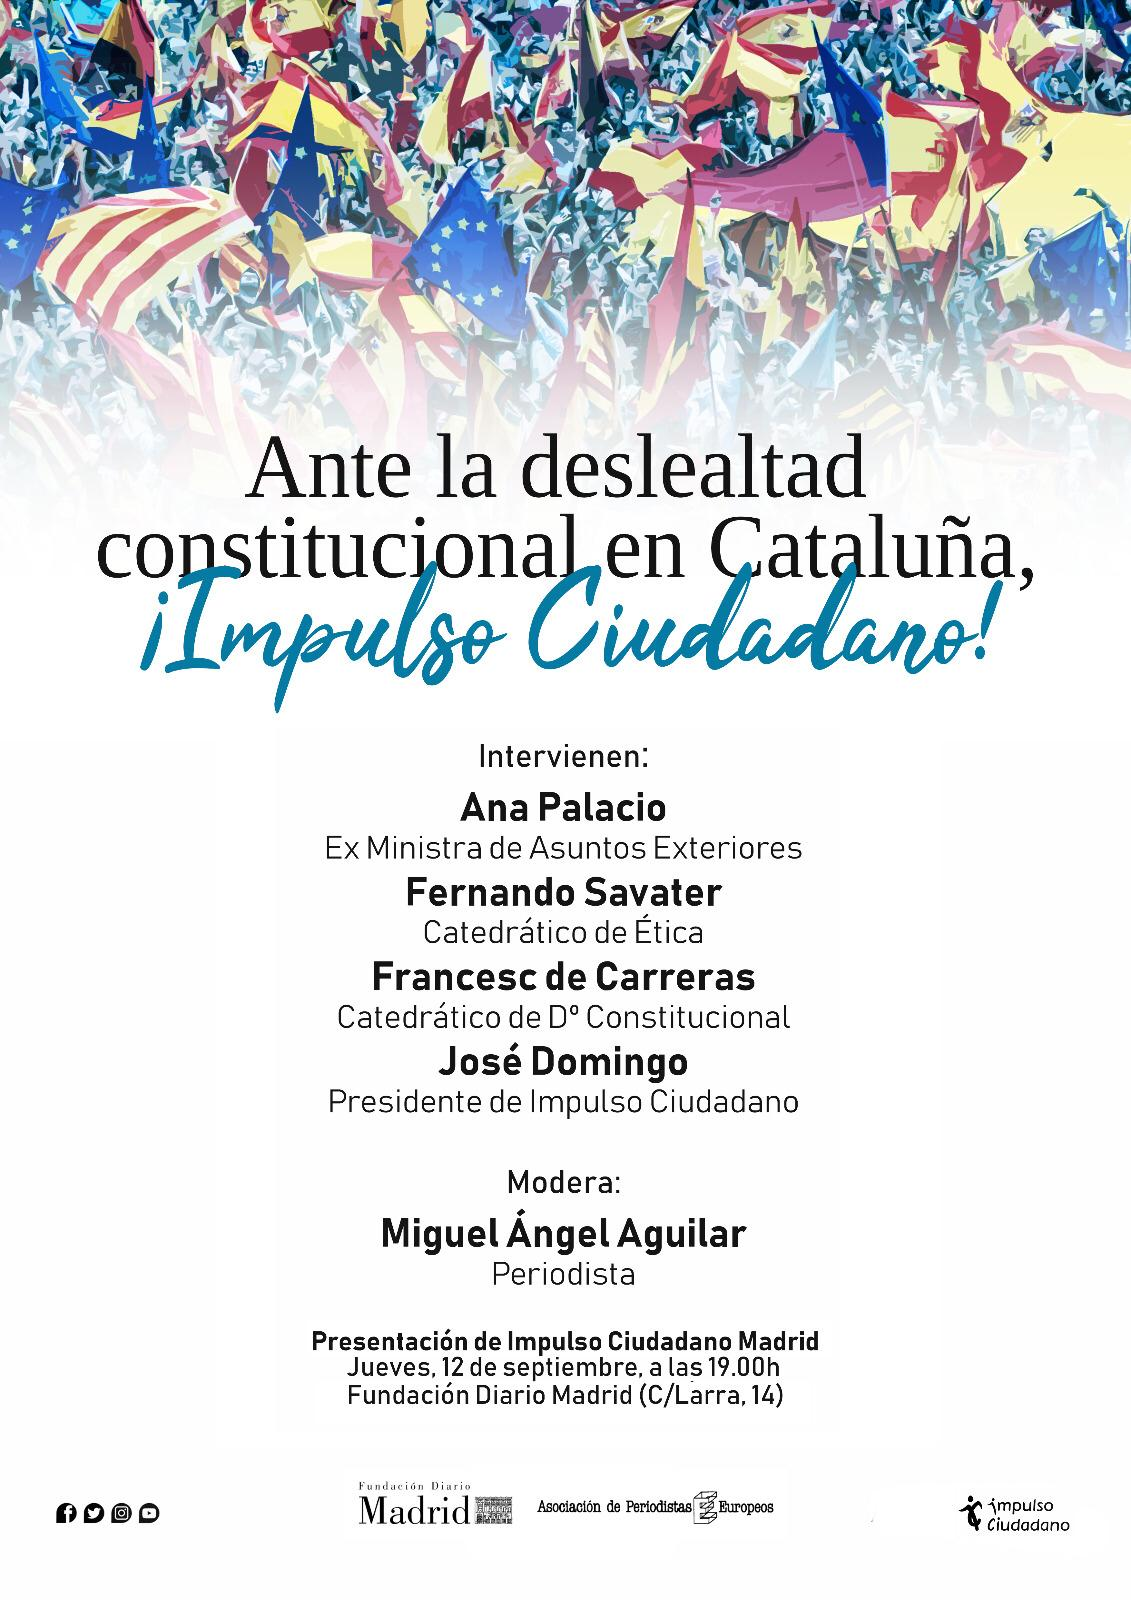 Impulso Ciudadano Se Presenta En Madrid